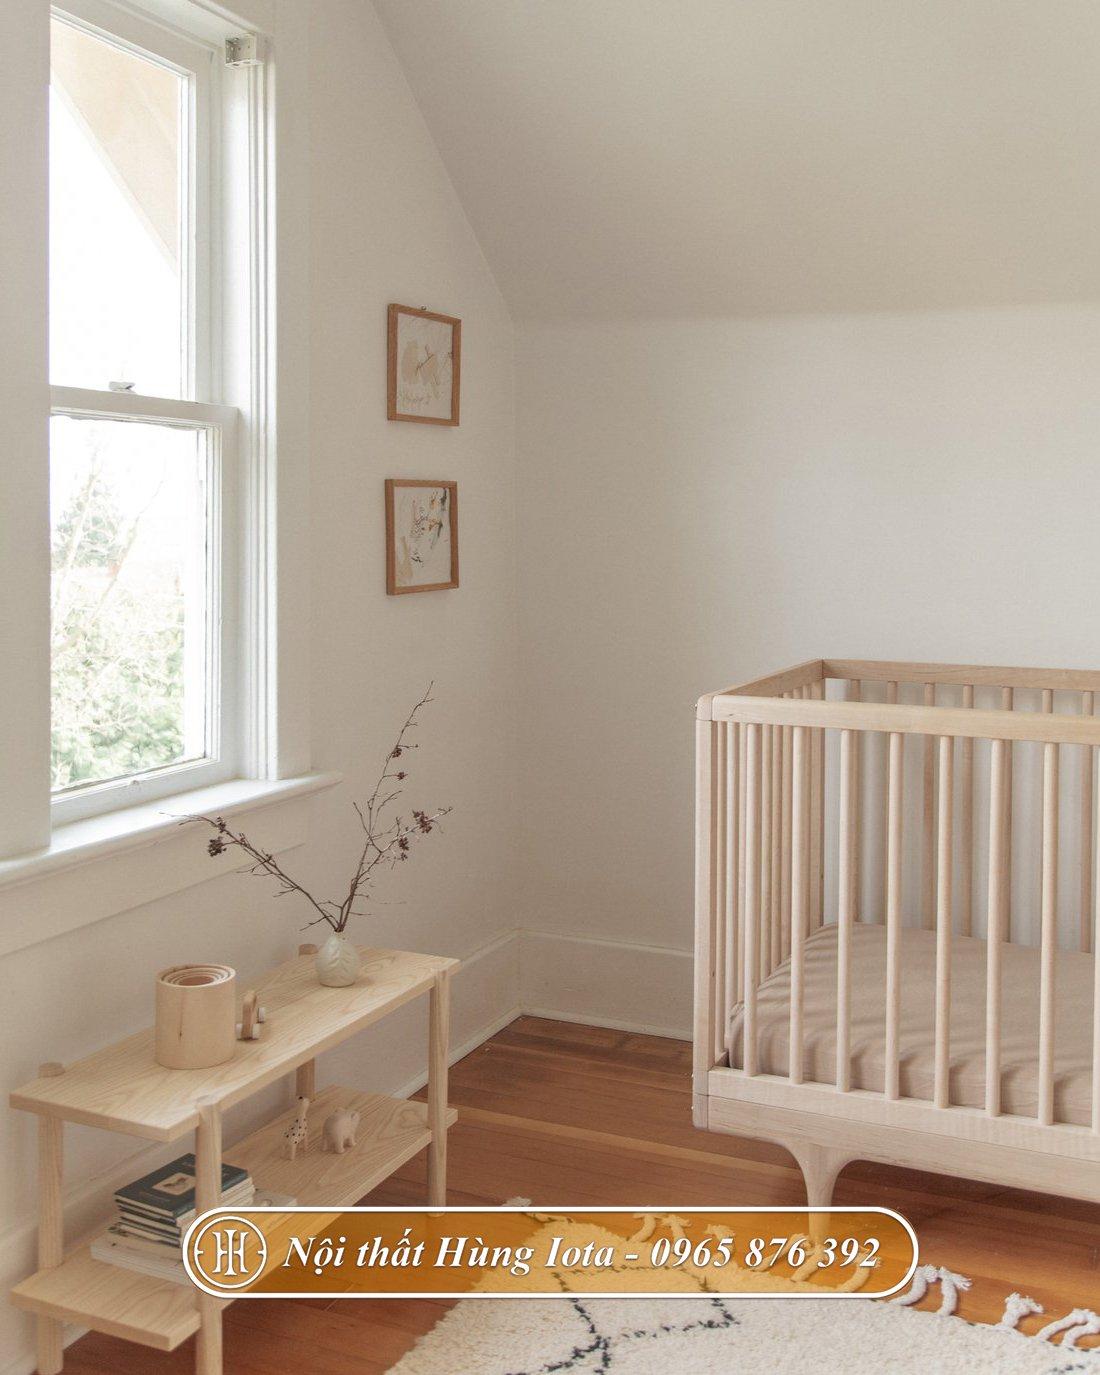 Kệ gỗ nhỏ trang trí giá rẻ chất lượng